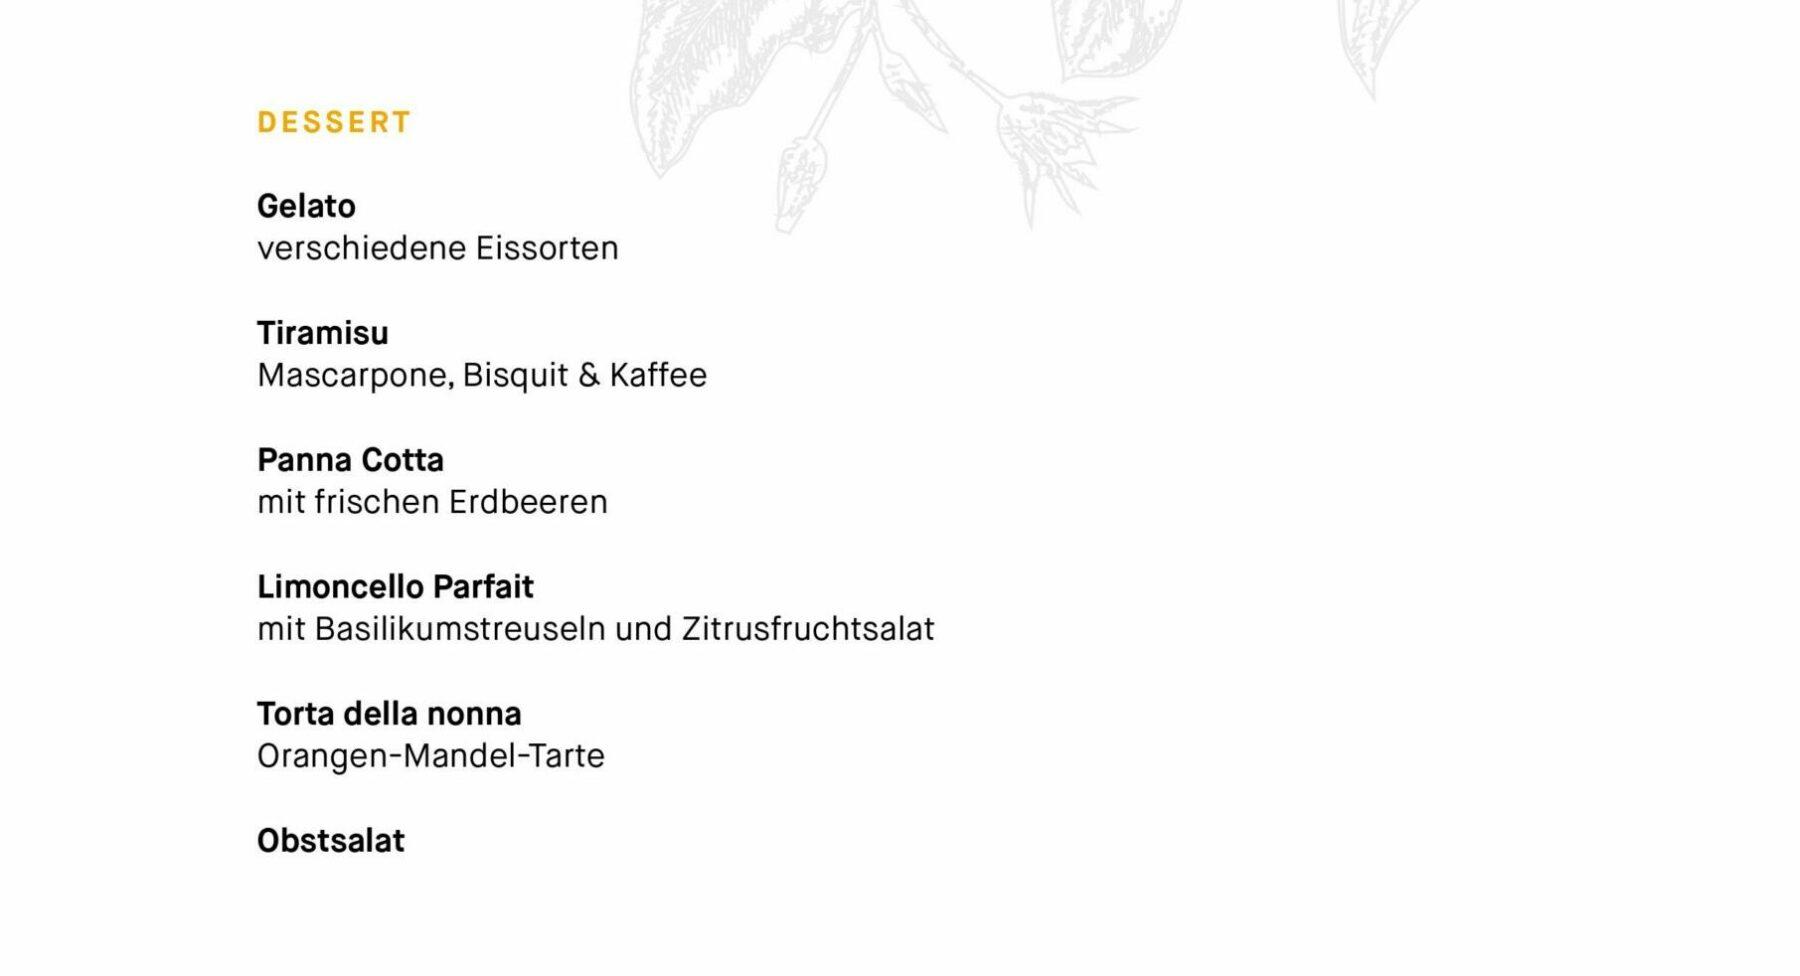 Italienischen Speisekarte des Tertianum Premium Residenz Bewohnerrestaurants Berlin - Hauptgerichte